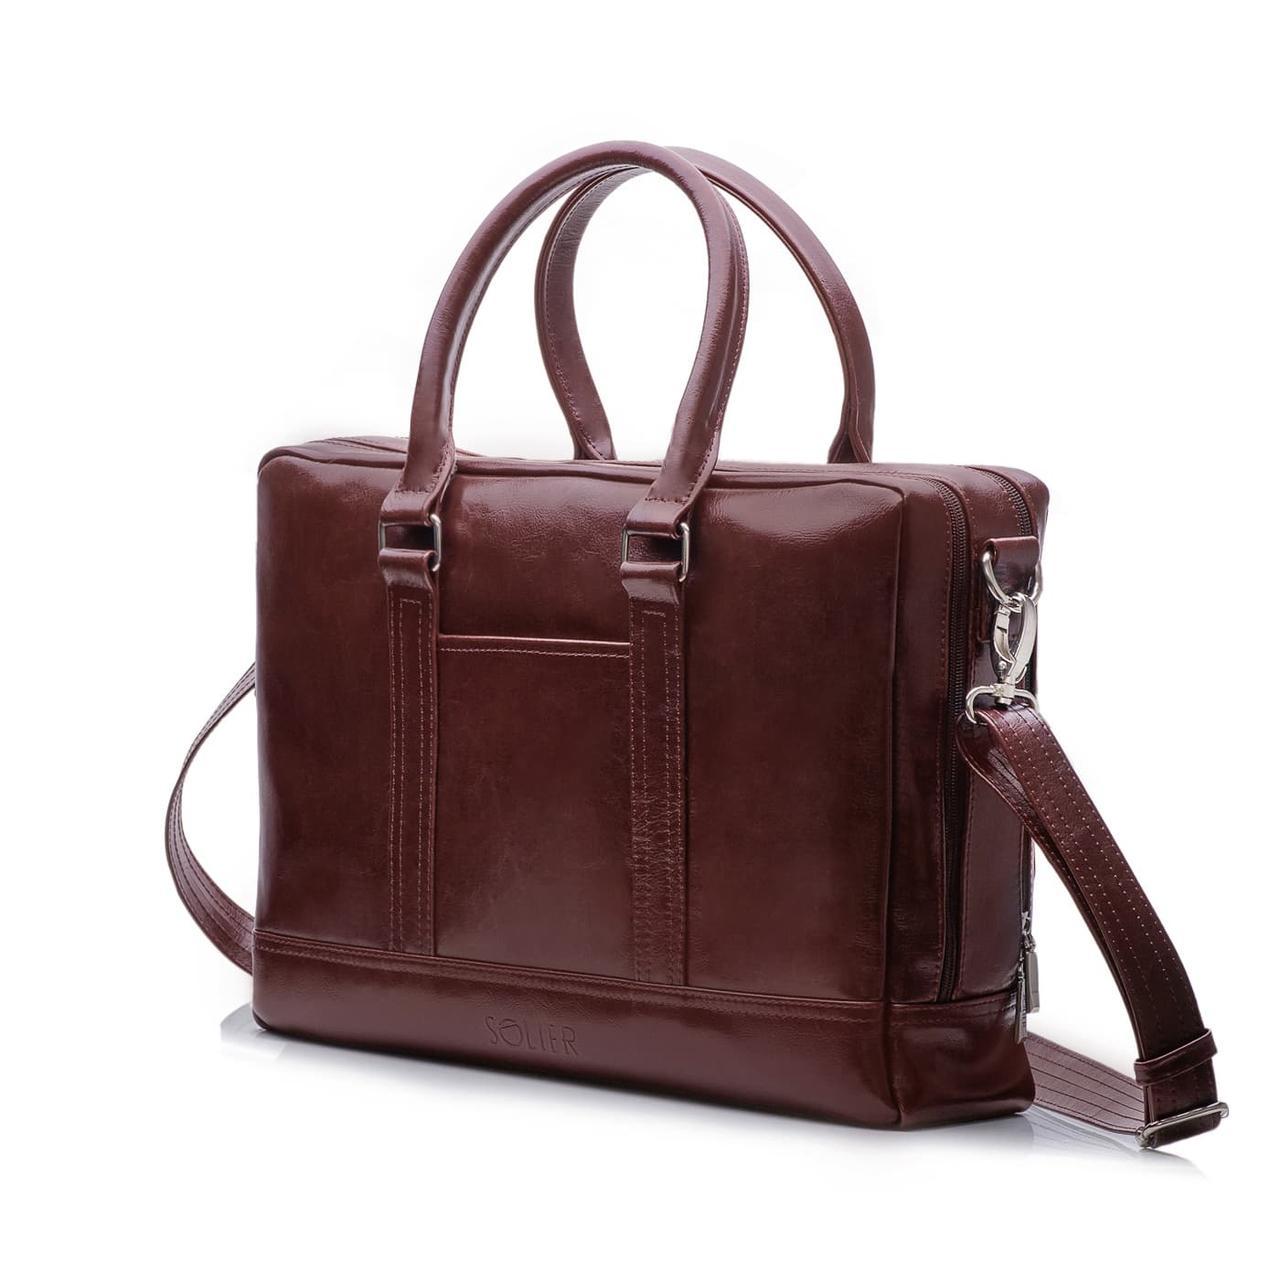 Кожаная сумка на плечо для ноутбука и документов Каштановая Solier SL02